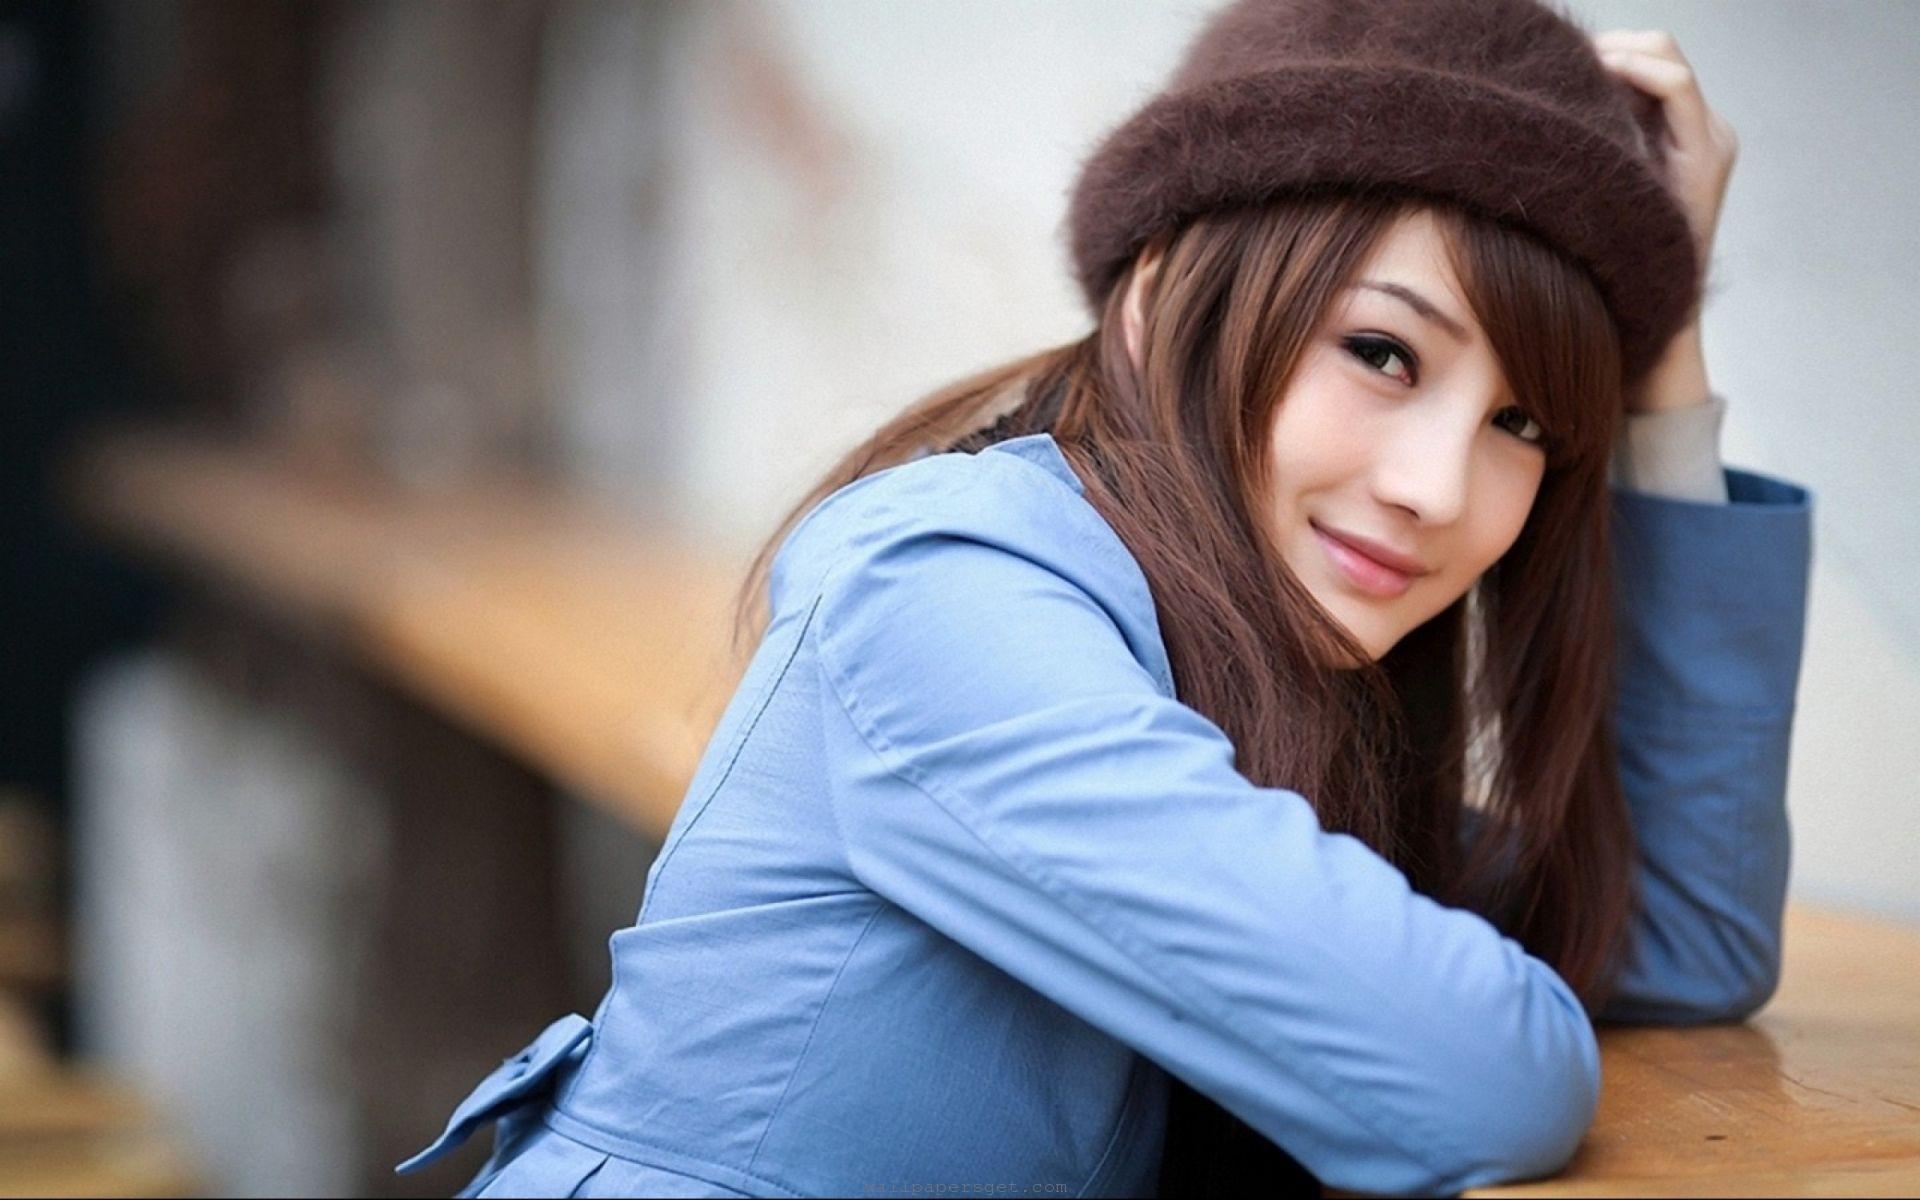 بالصور بنات يابانية , شاهد ارق الفتيات اليابانية 3878 4